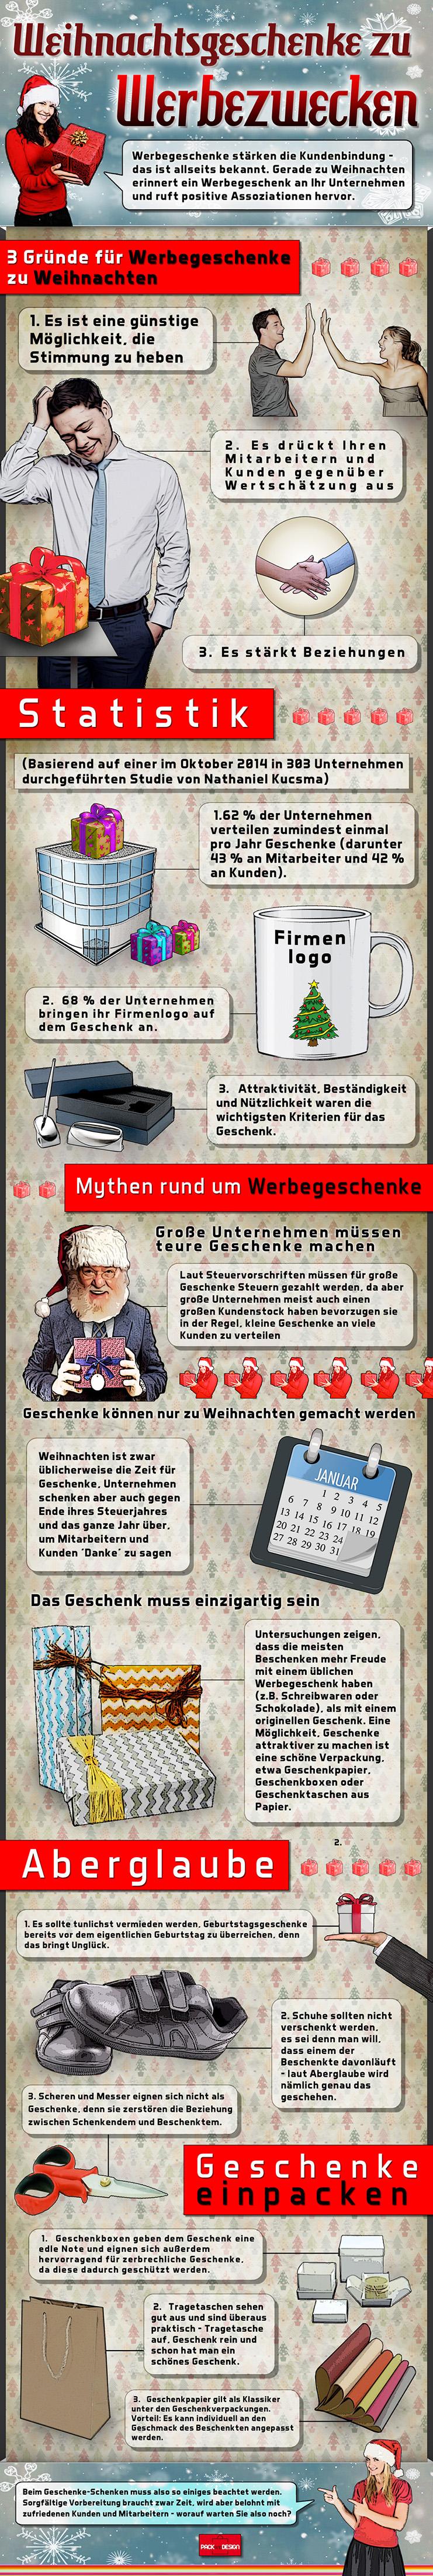 Gründe für Werbegeschenke zu Weihnachten